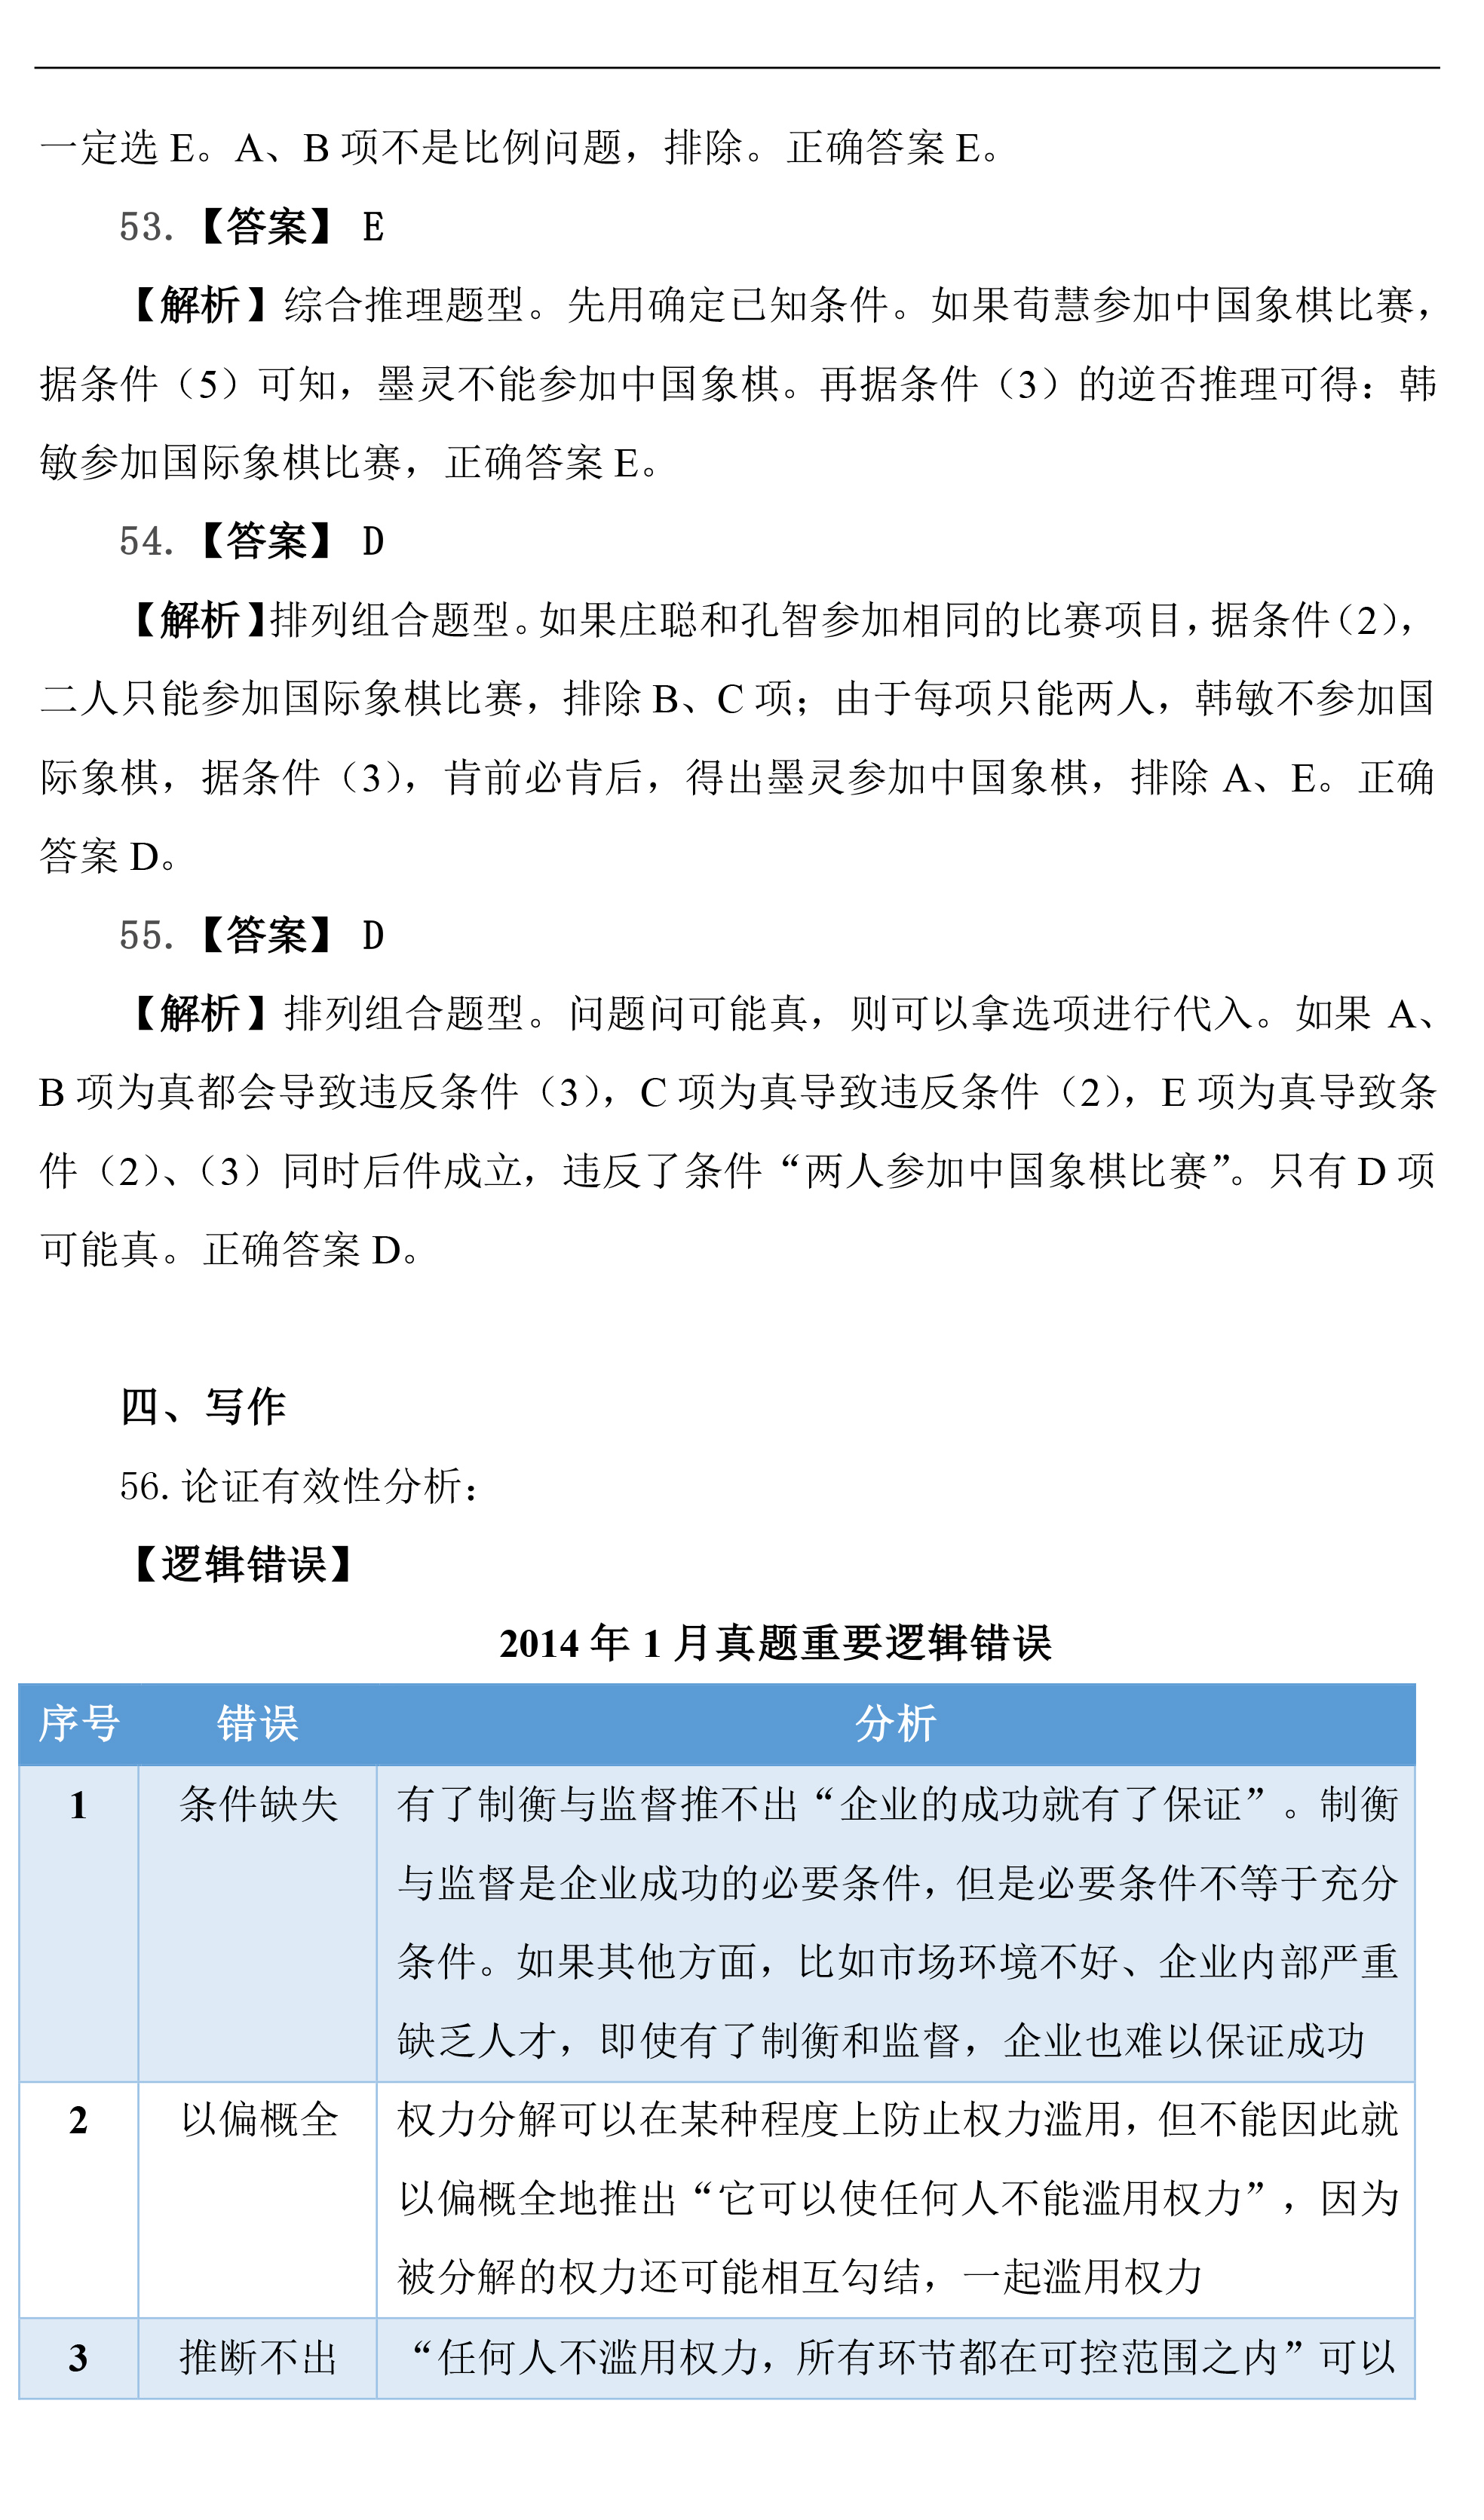 真题试卷集-综合-2014~2018-解析-14.jpg